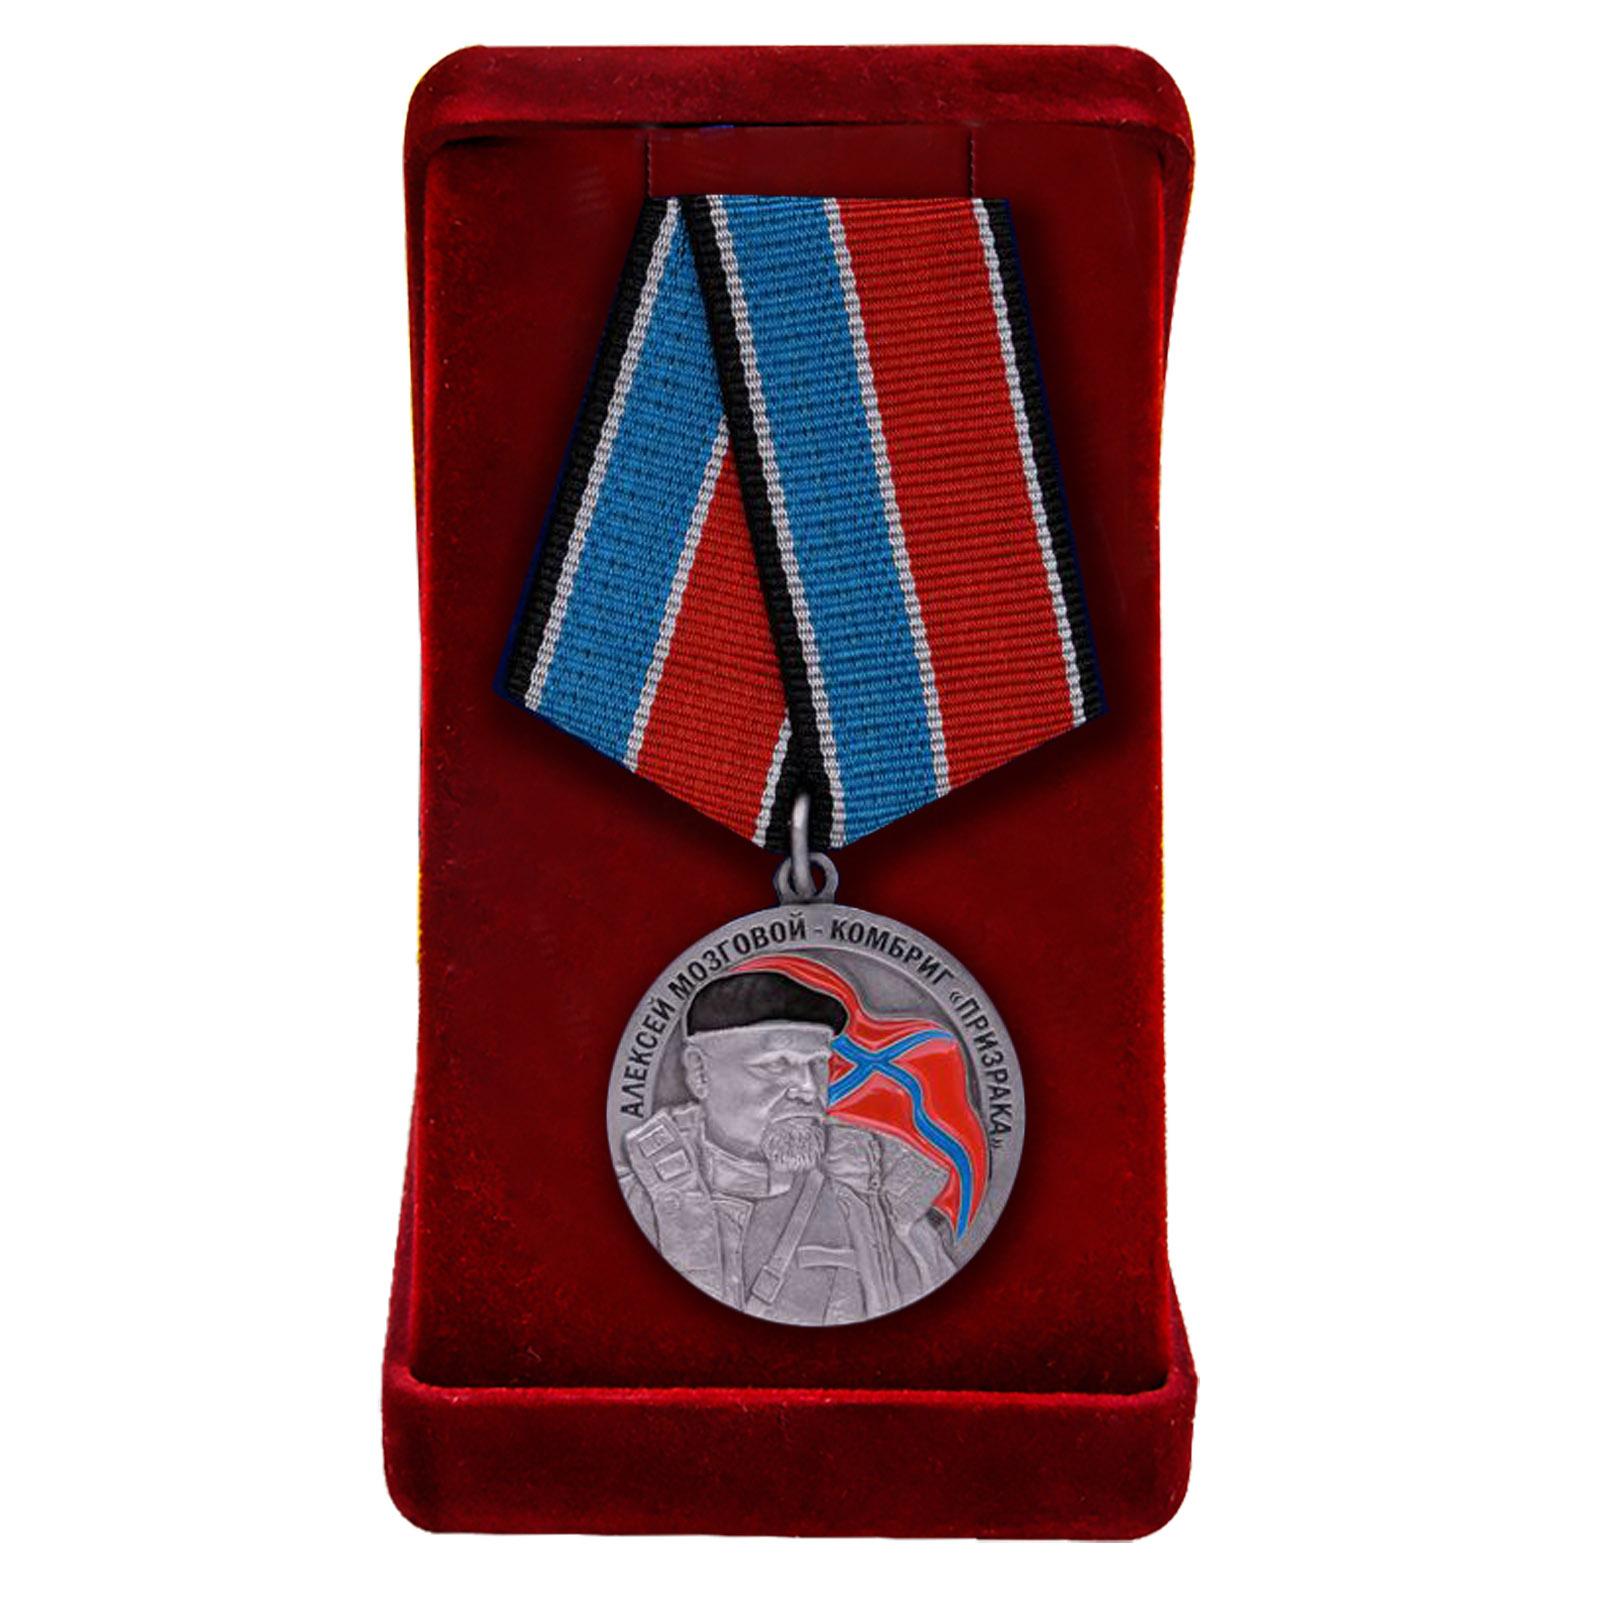 Купить медаль Памяти Алексея Мозгового с доставкой безопасно